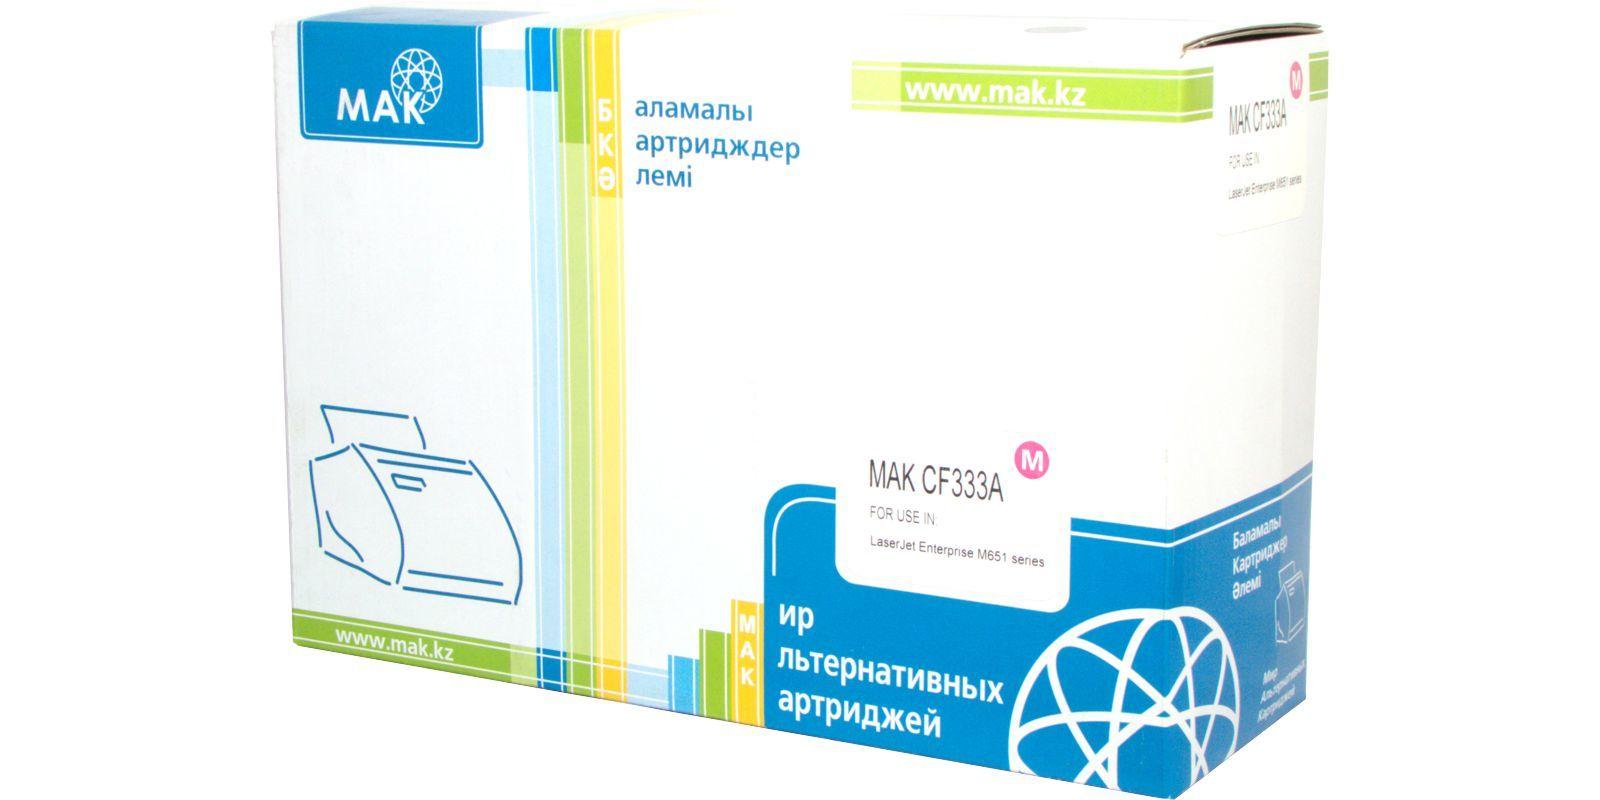 Картридж лазерный цветной MAK© 654A CF333A пурпурный (magenta), до 15000 стр.